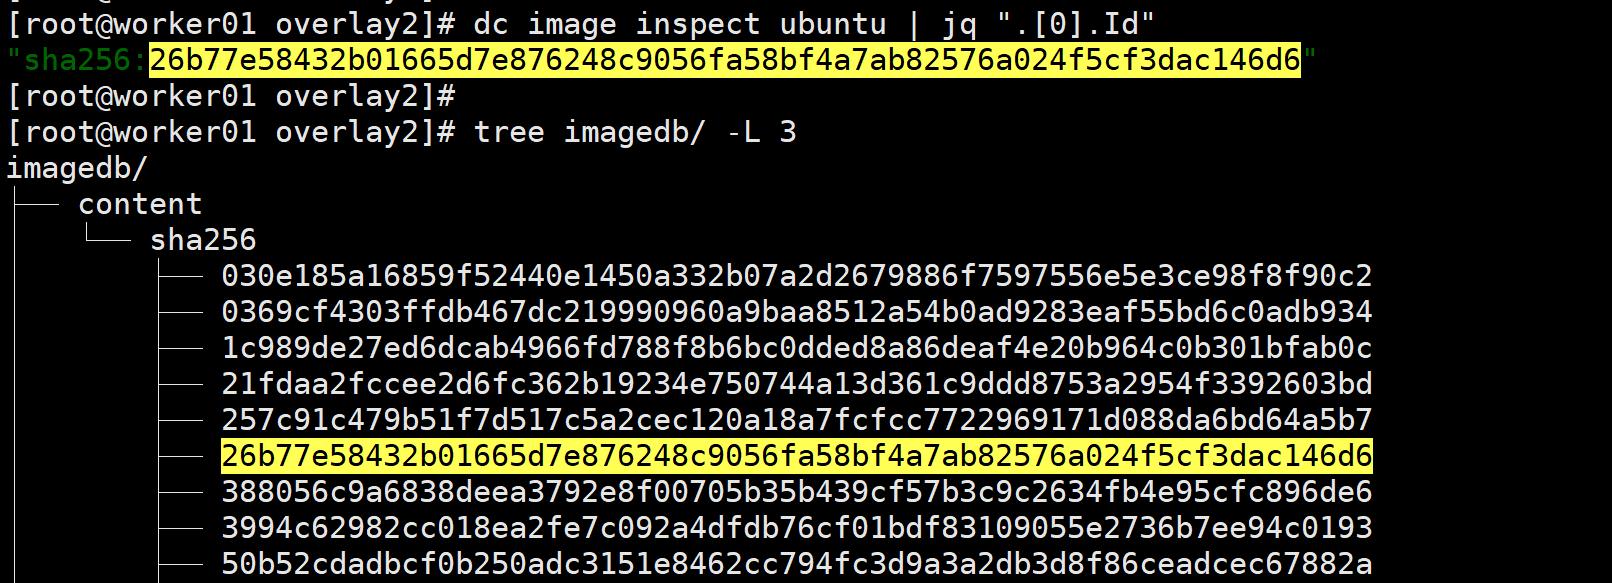 深入理解 Docker 容器镜像分层的原理插图(3)